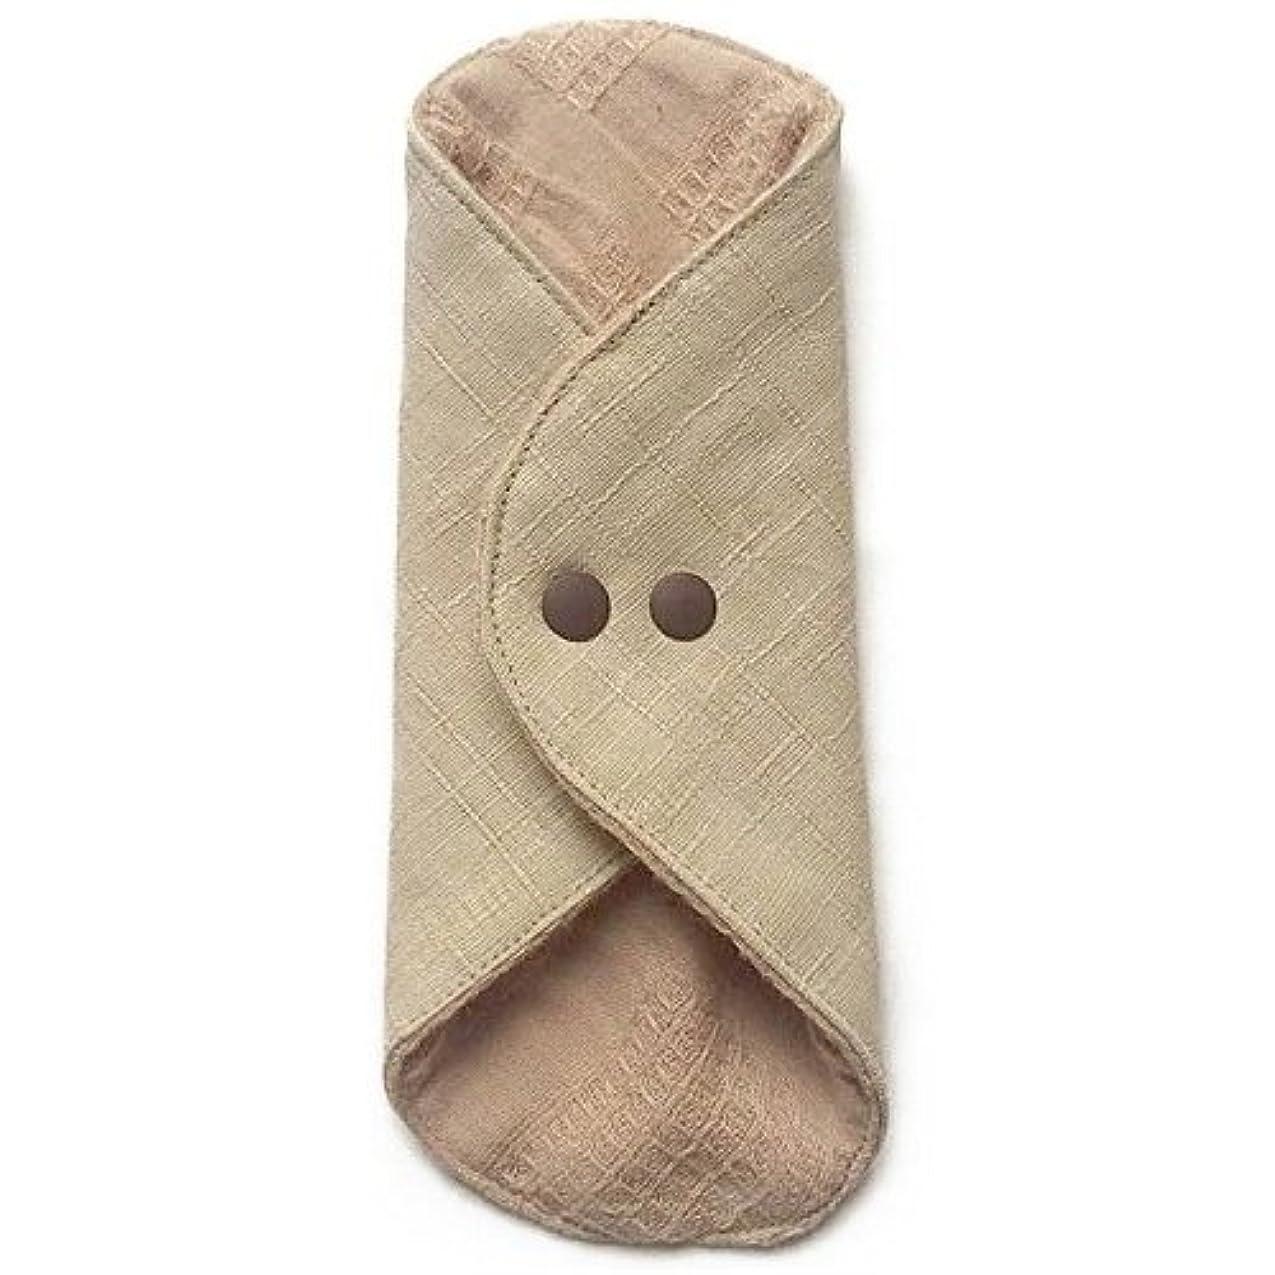 パトロール感謝組み合わせる華布のオーガニックコットンのあたため布 Mサイズ(約15×約15cm) 彩り(百合)